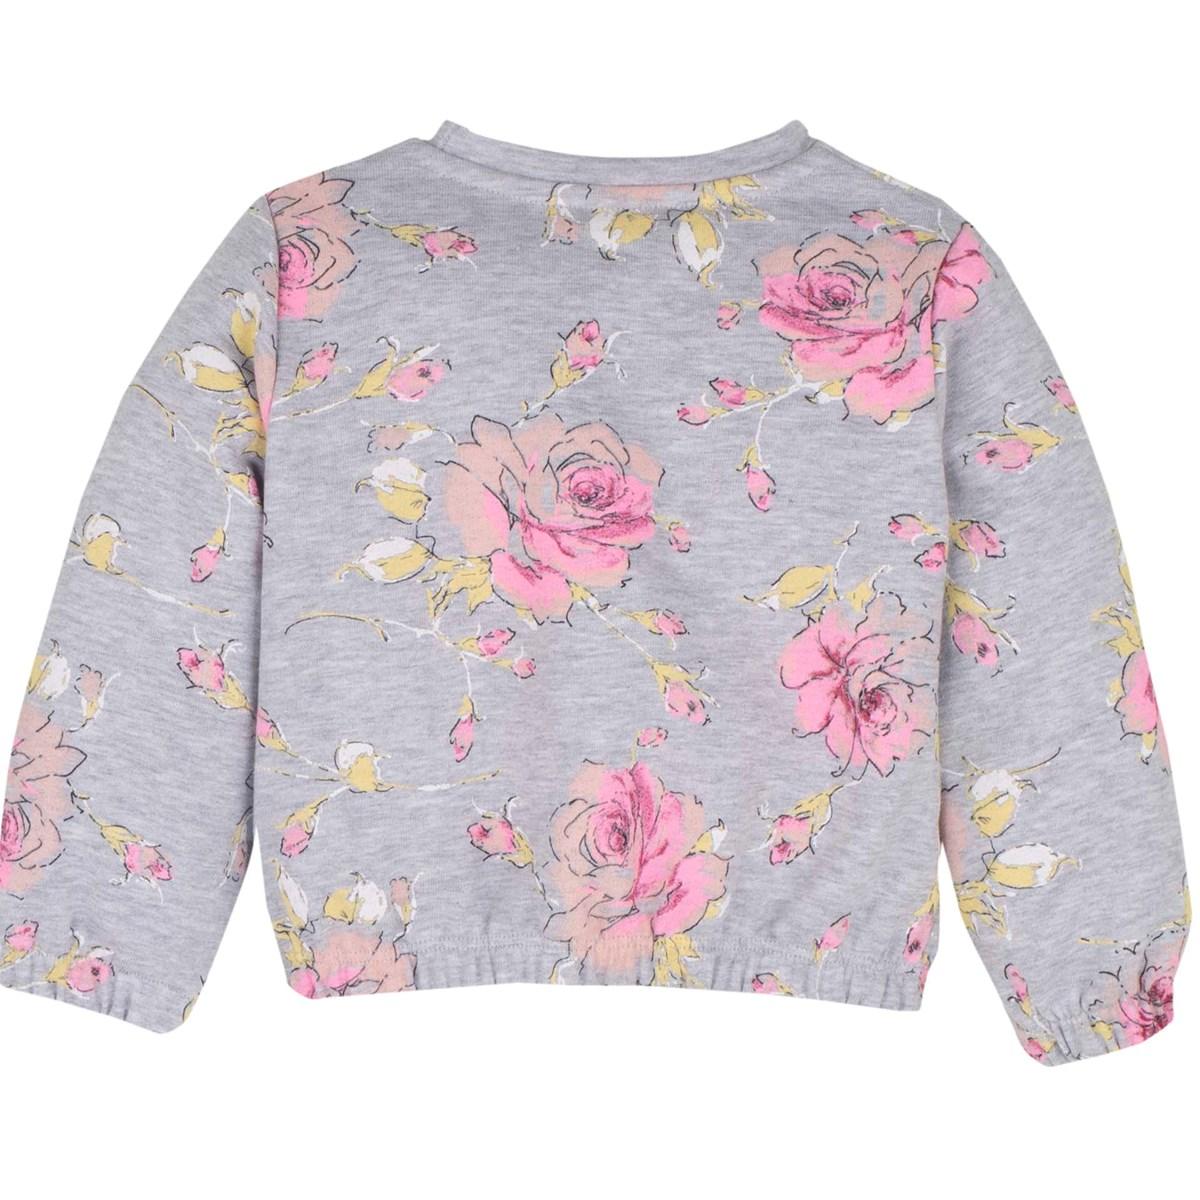 14037 Sweatshirt 2